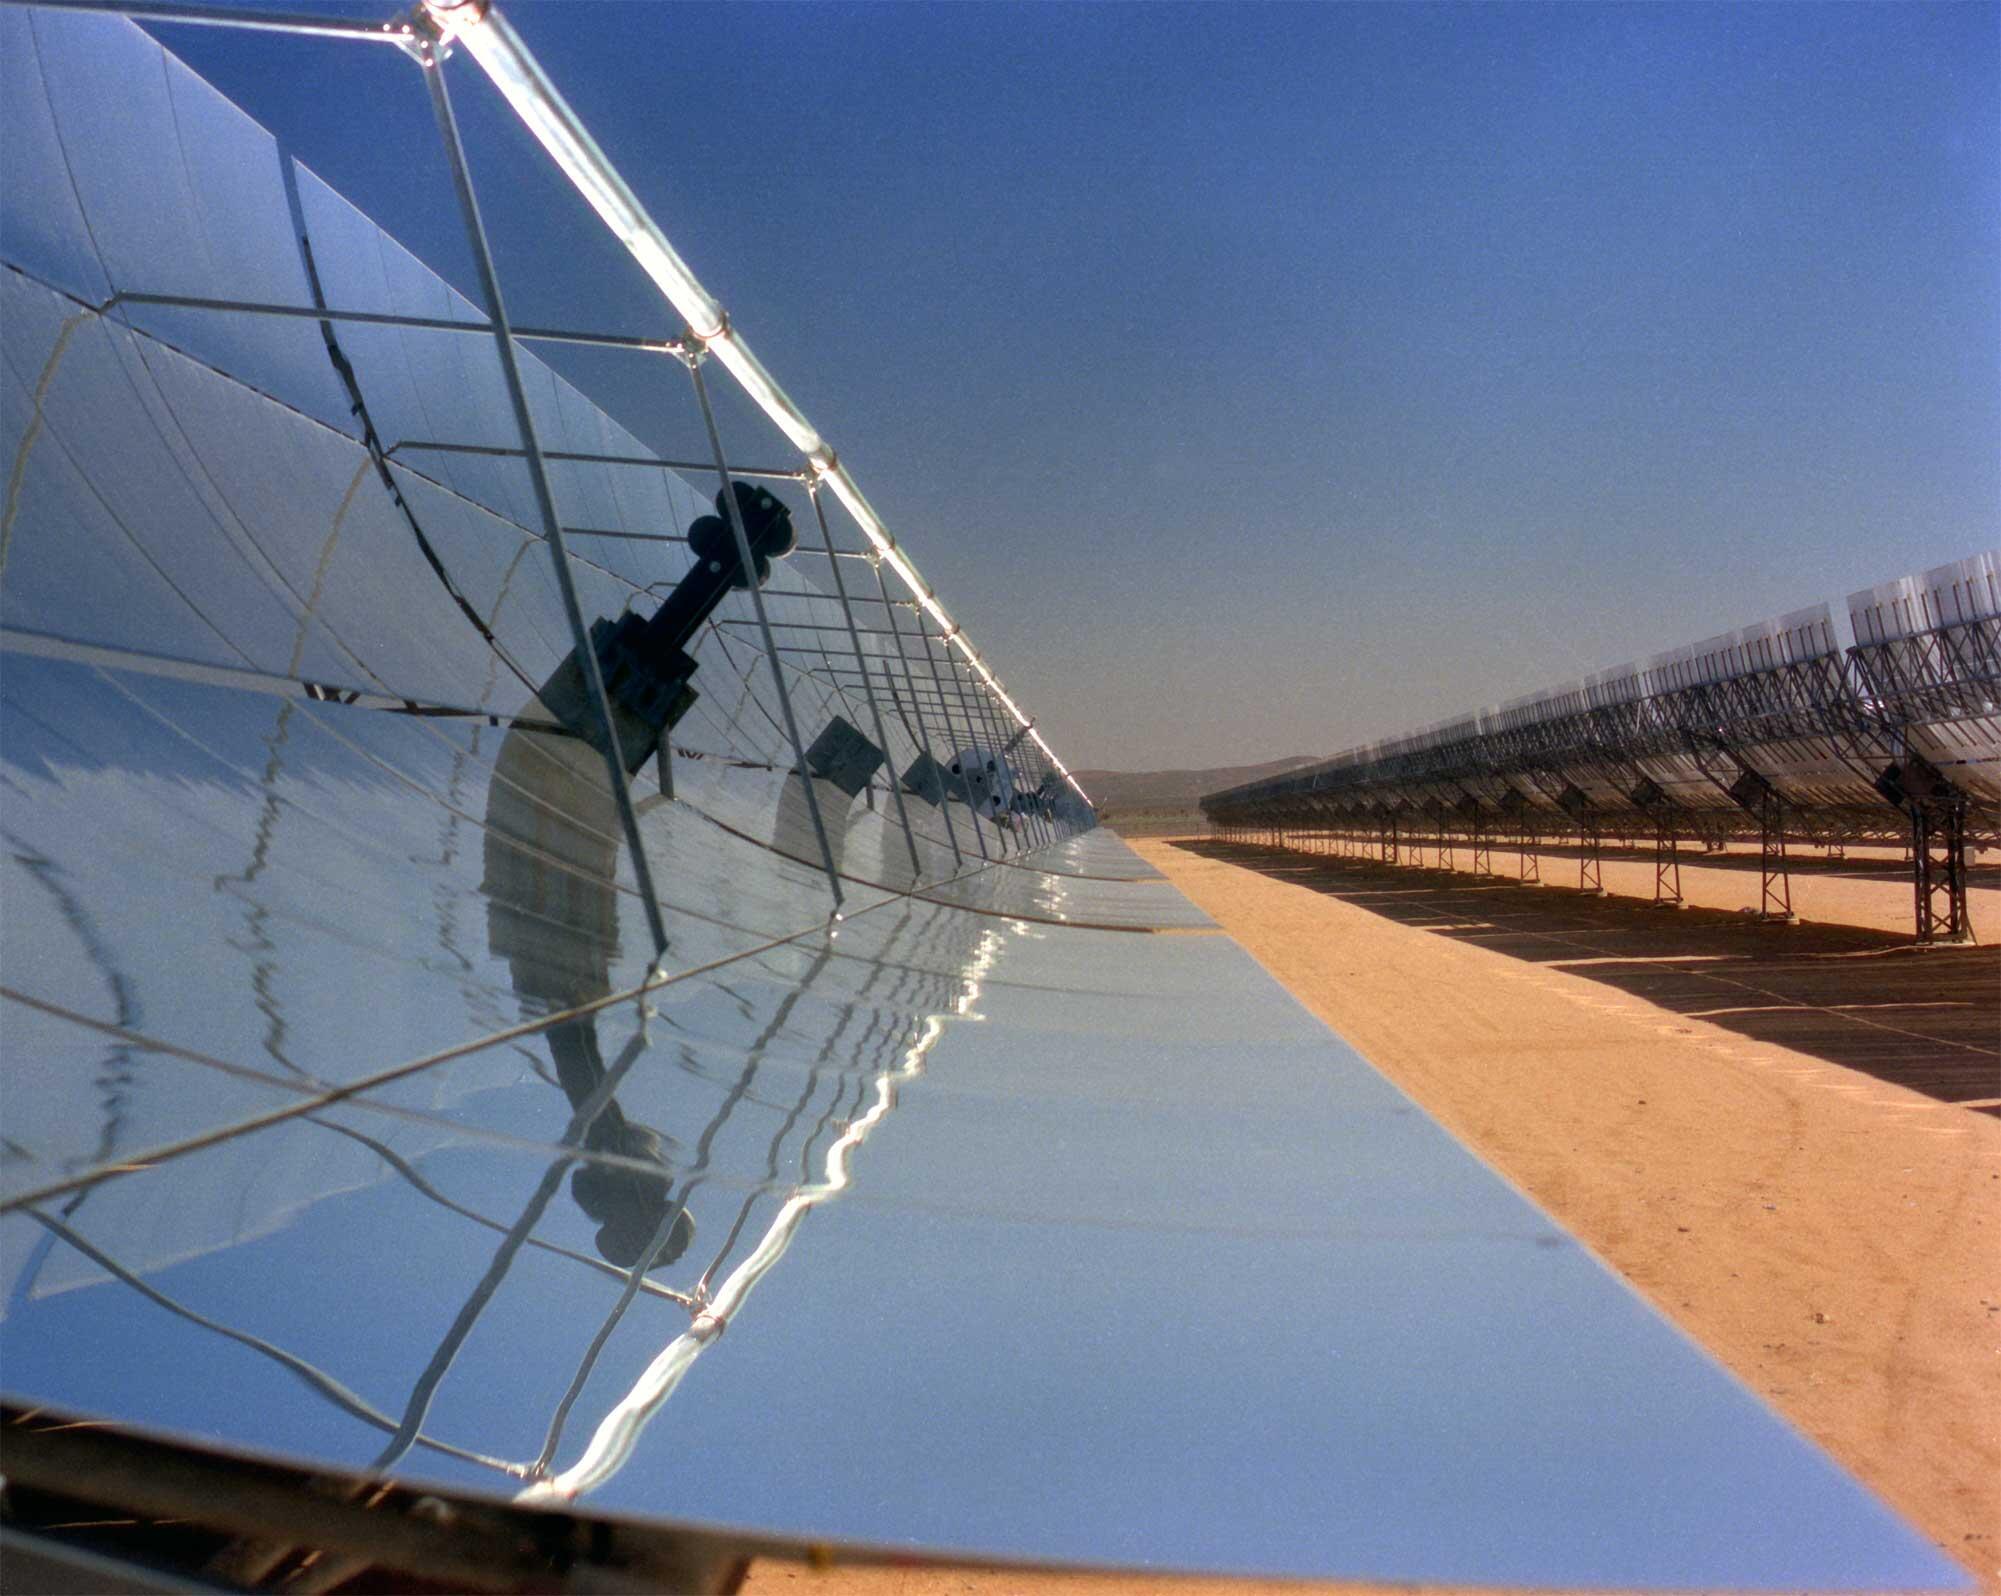 الطاقة المتجددة …  السبيل إلى سماء زرقاء